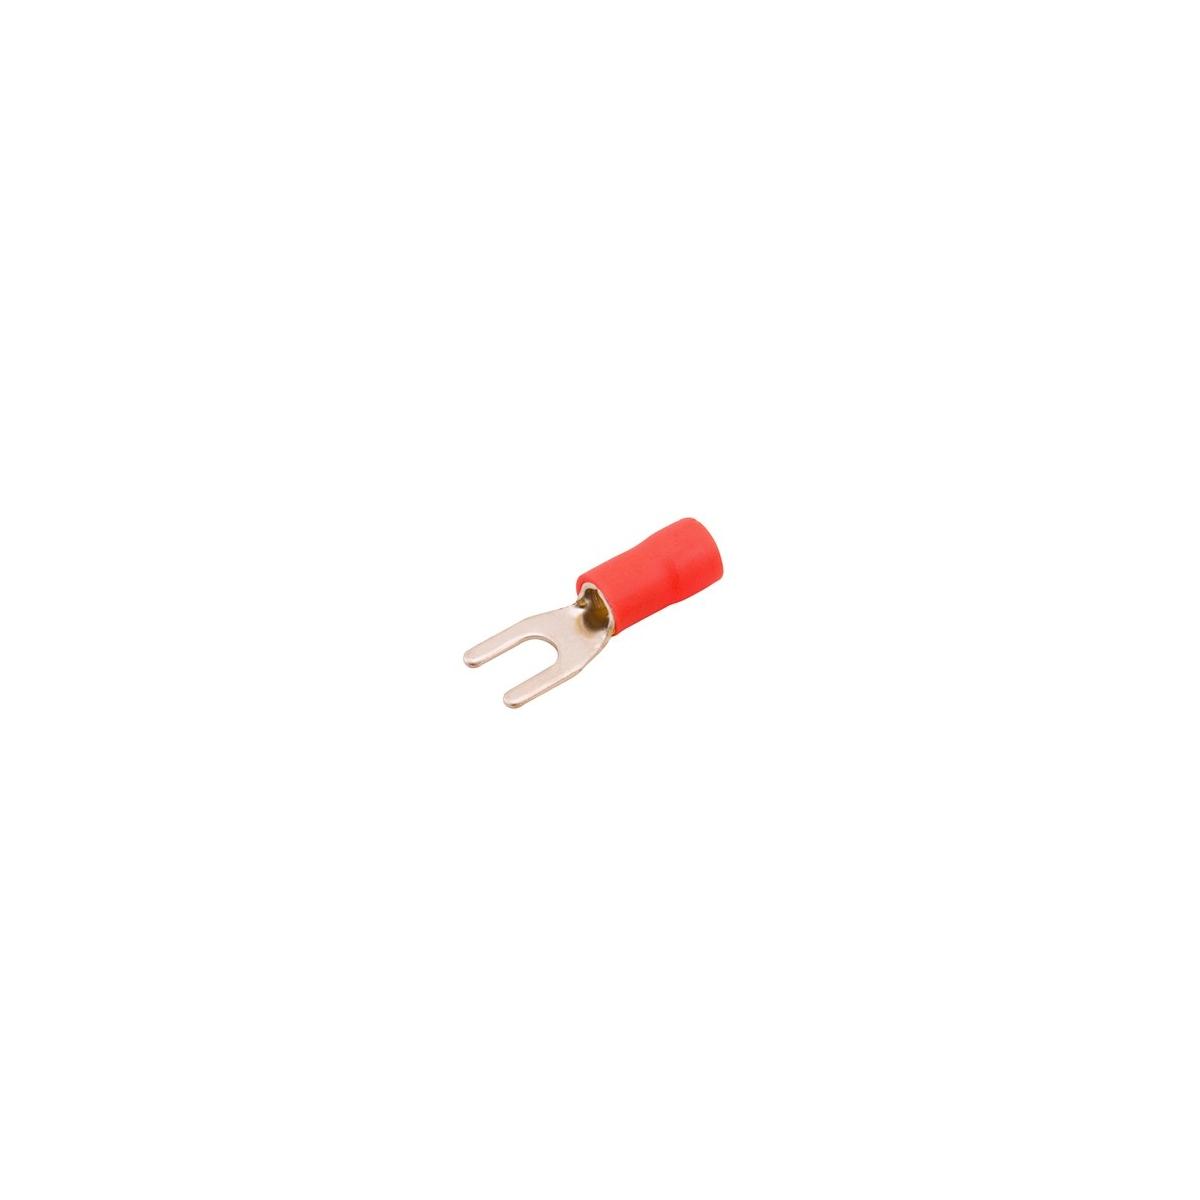 TERMINAL FORQUILHA - VM - 4MM - BS41553 SF-